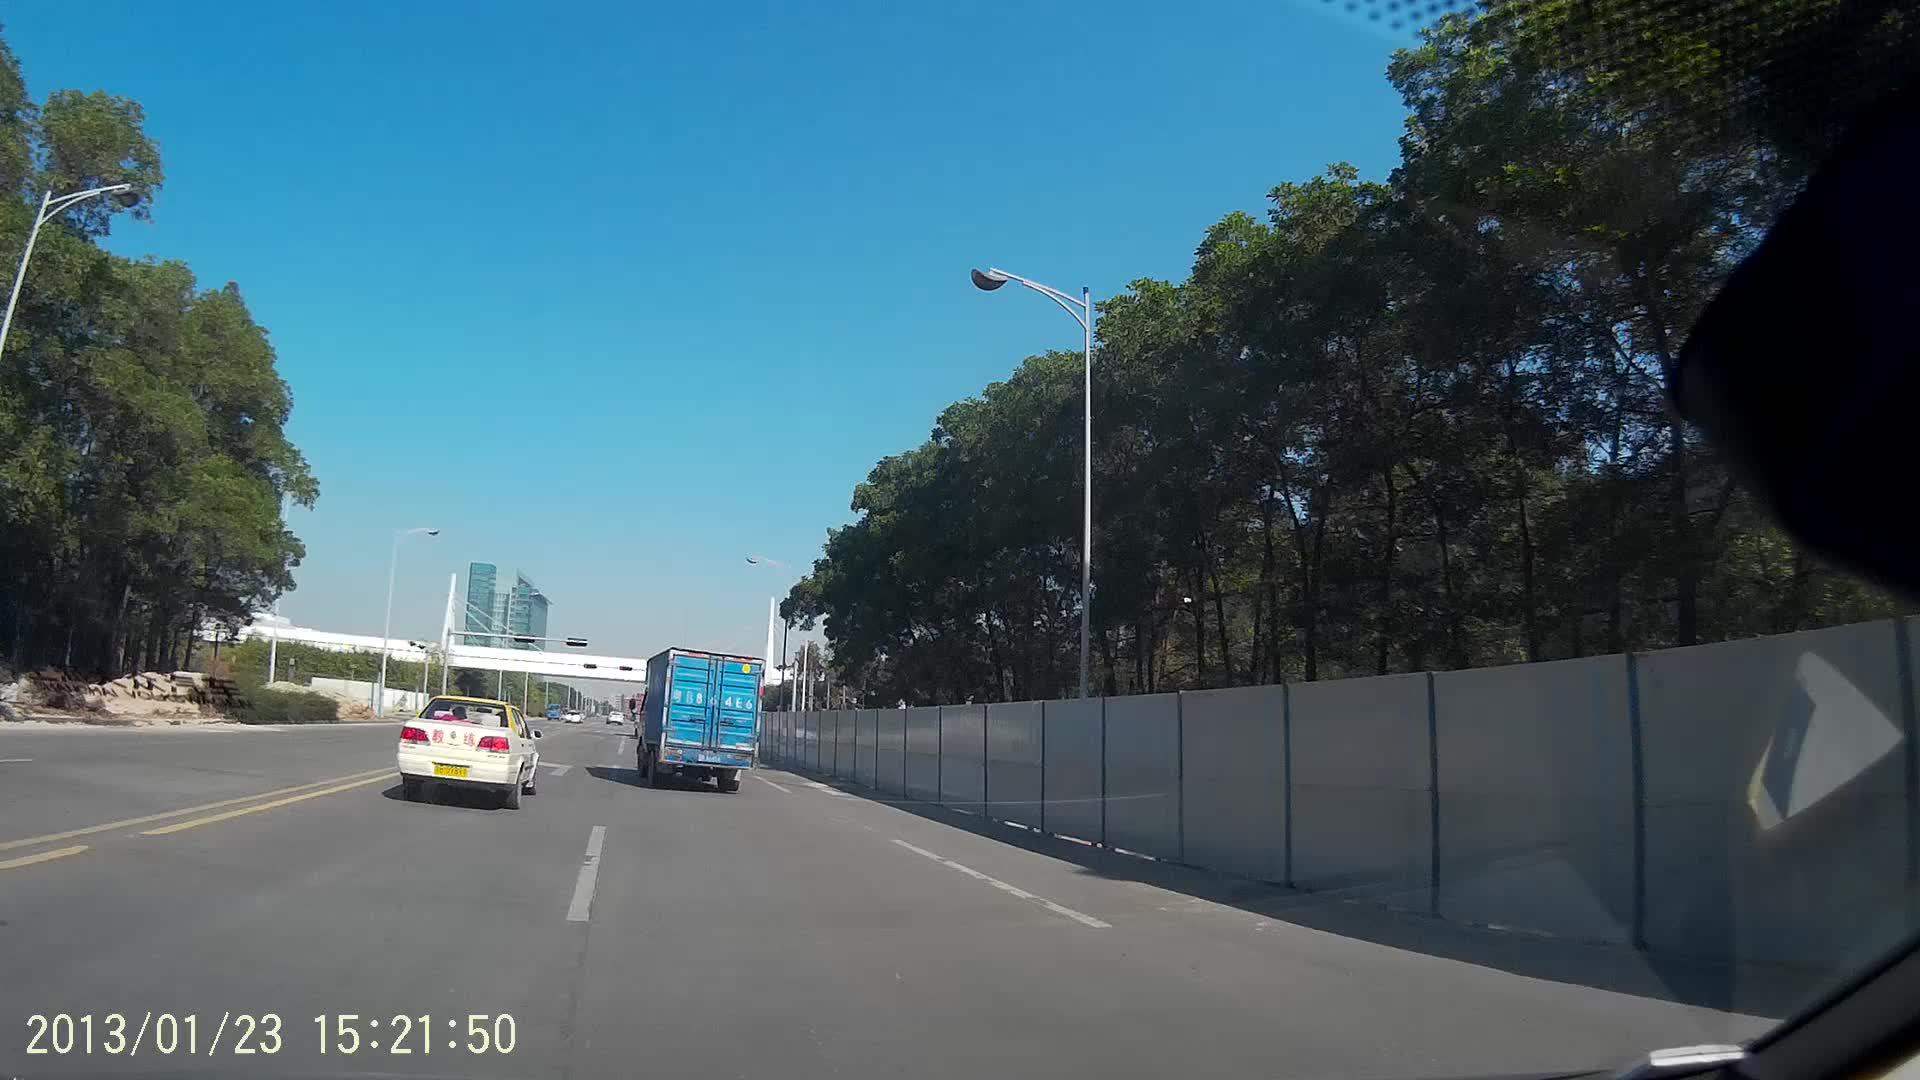 जी-सेंसर रिमोट कंट्रोल कार कैमरा 1080 p मैनुअल सामने कार हिडन कैमरा